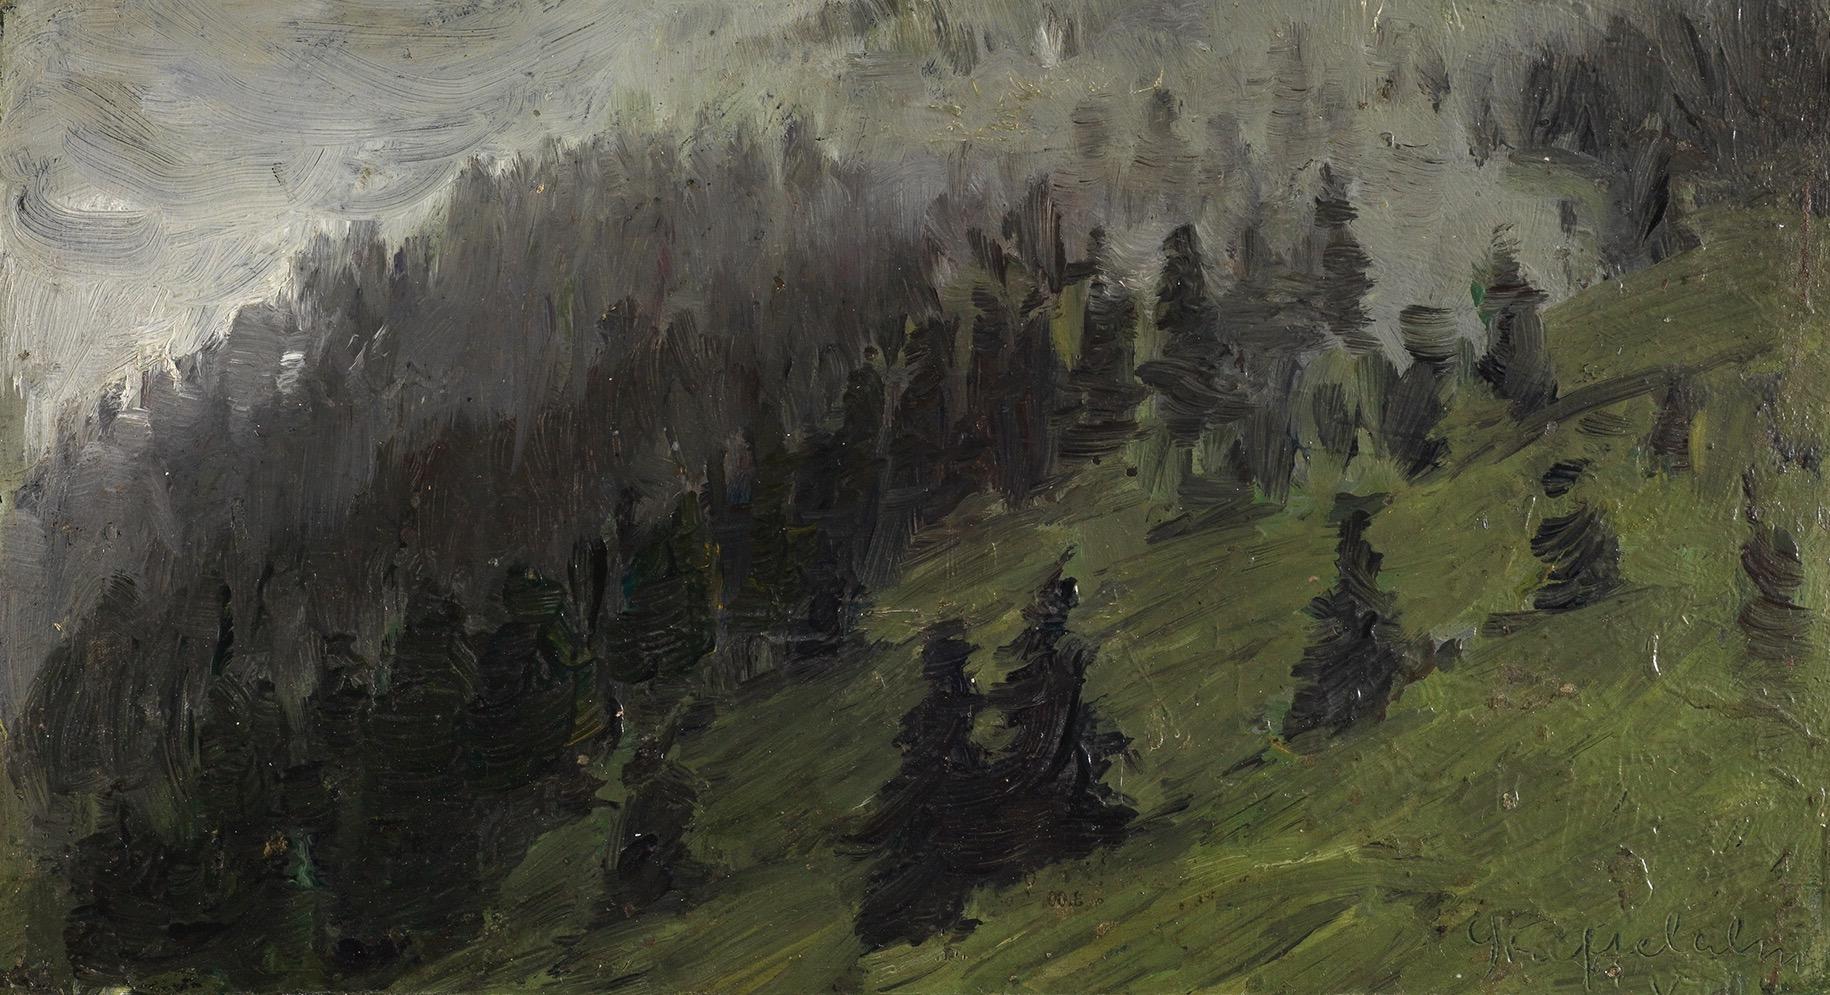 Franz Marc, Nebel zwischen den Tannen, 1905 © Staatliche Kunsthalle Karlsruhe/ bpk